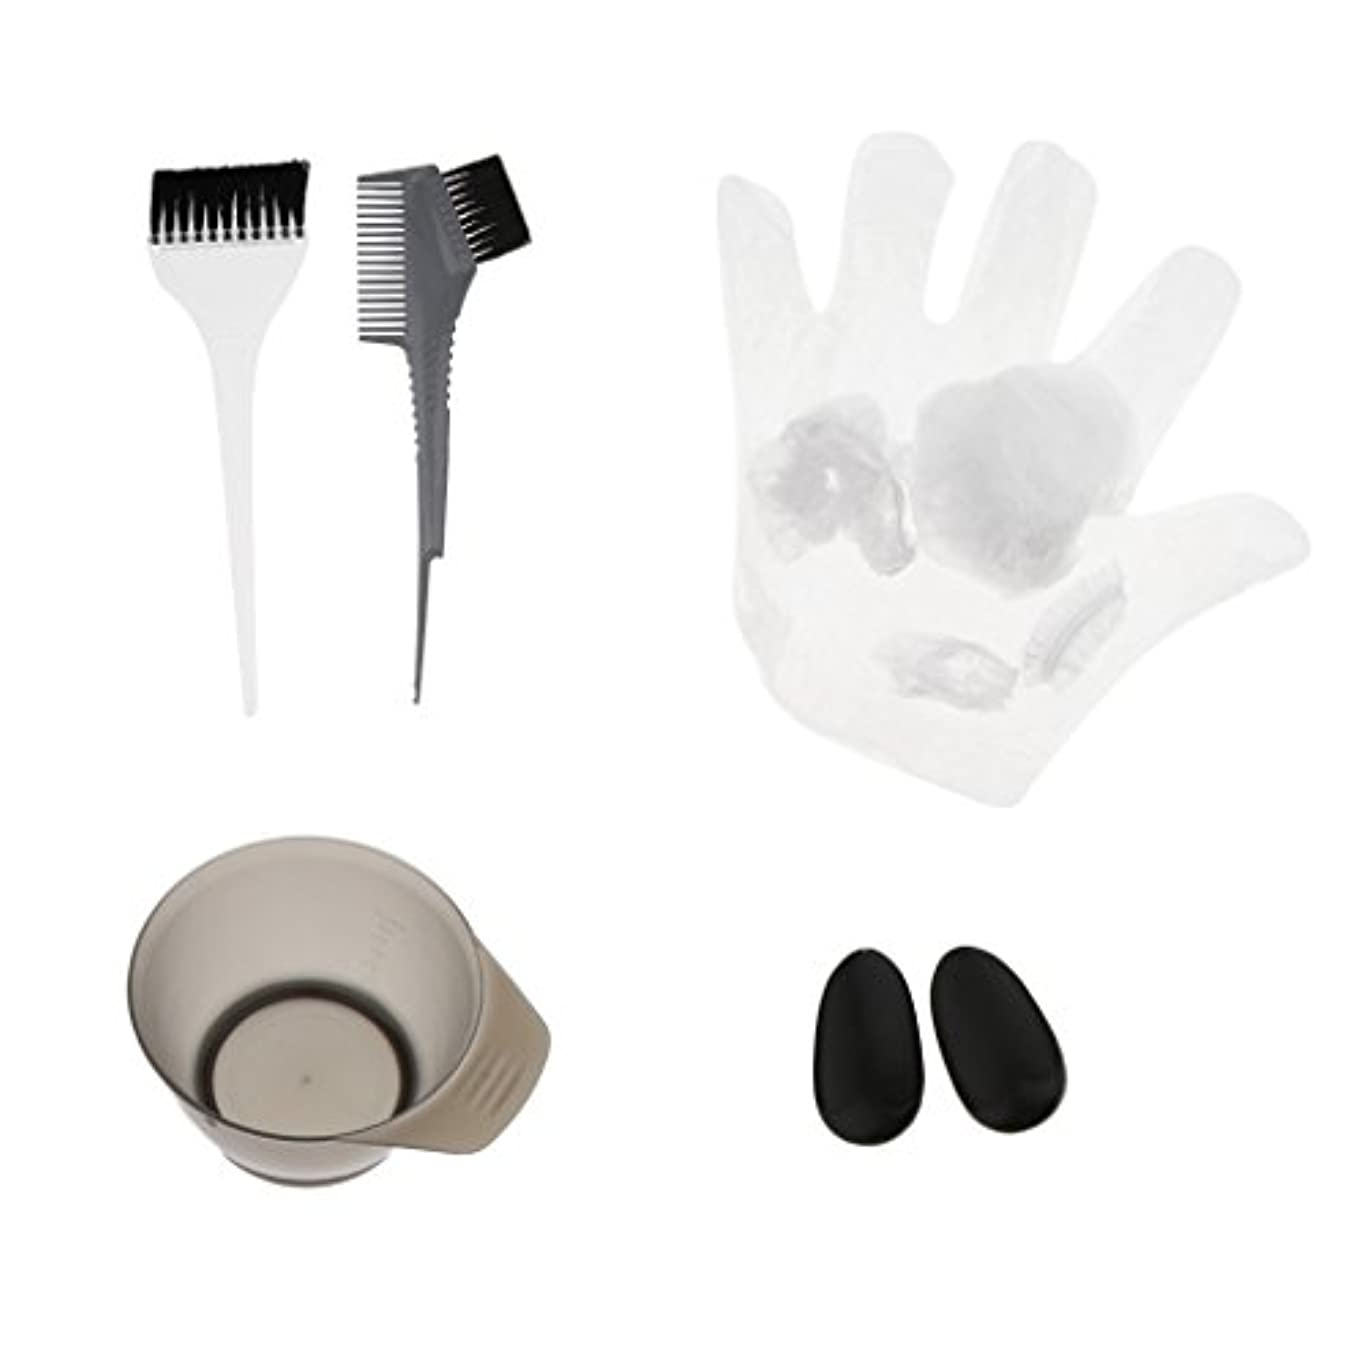 患者遠足心理的ヘアカラーセット ティントキャップ ケープ ボウル ブラシ 櫛 耳カバー グローブ ヘアサロン 美容師